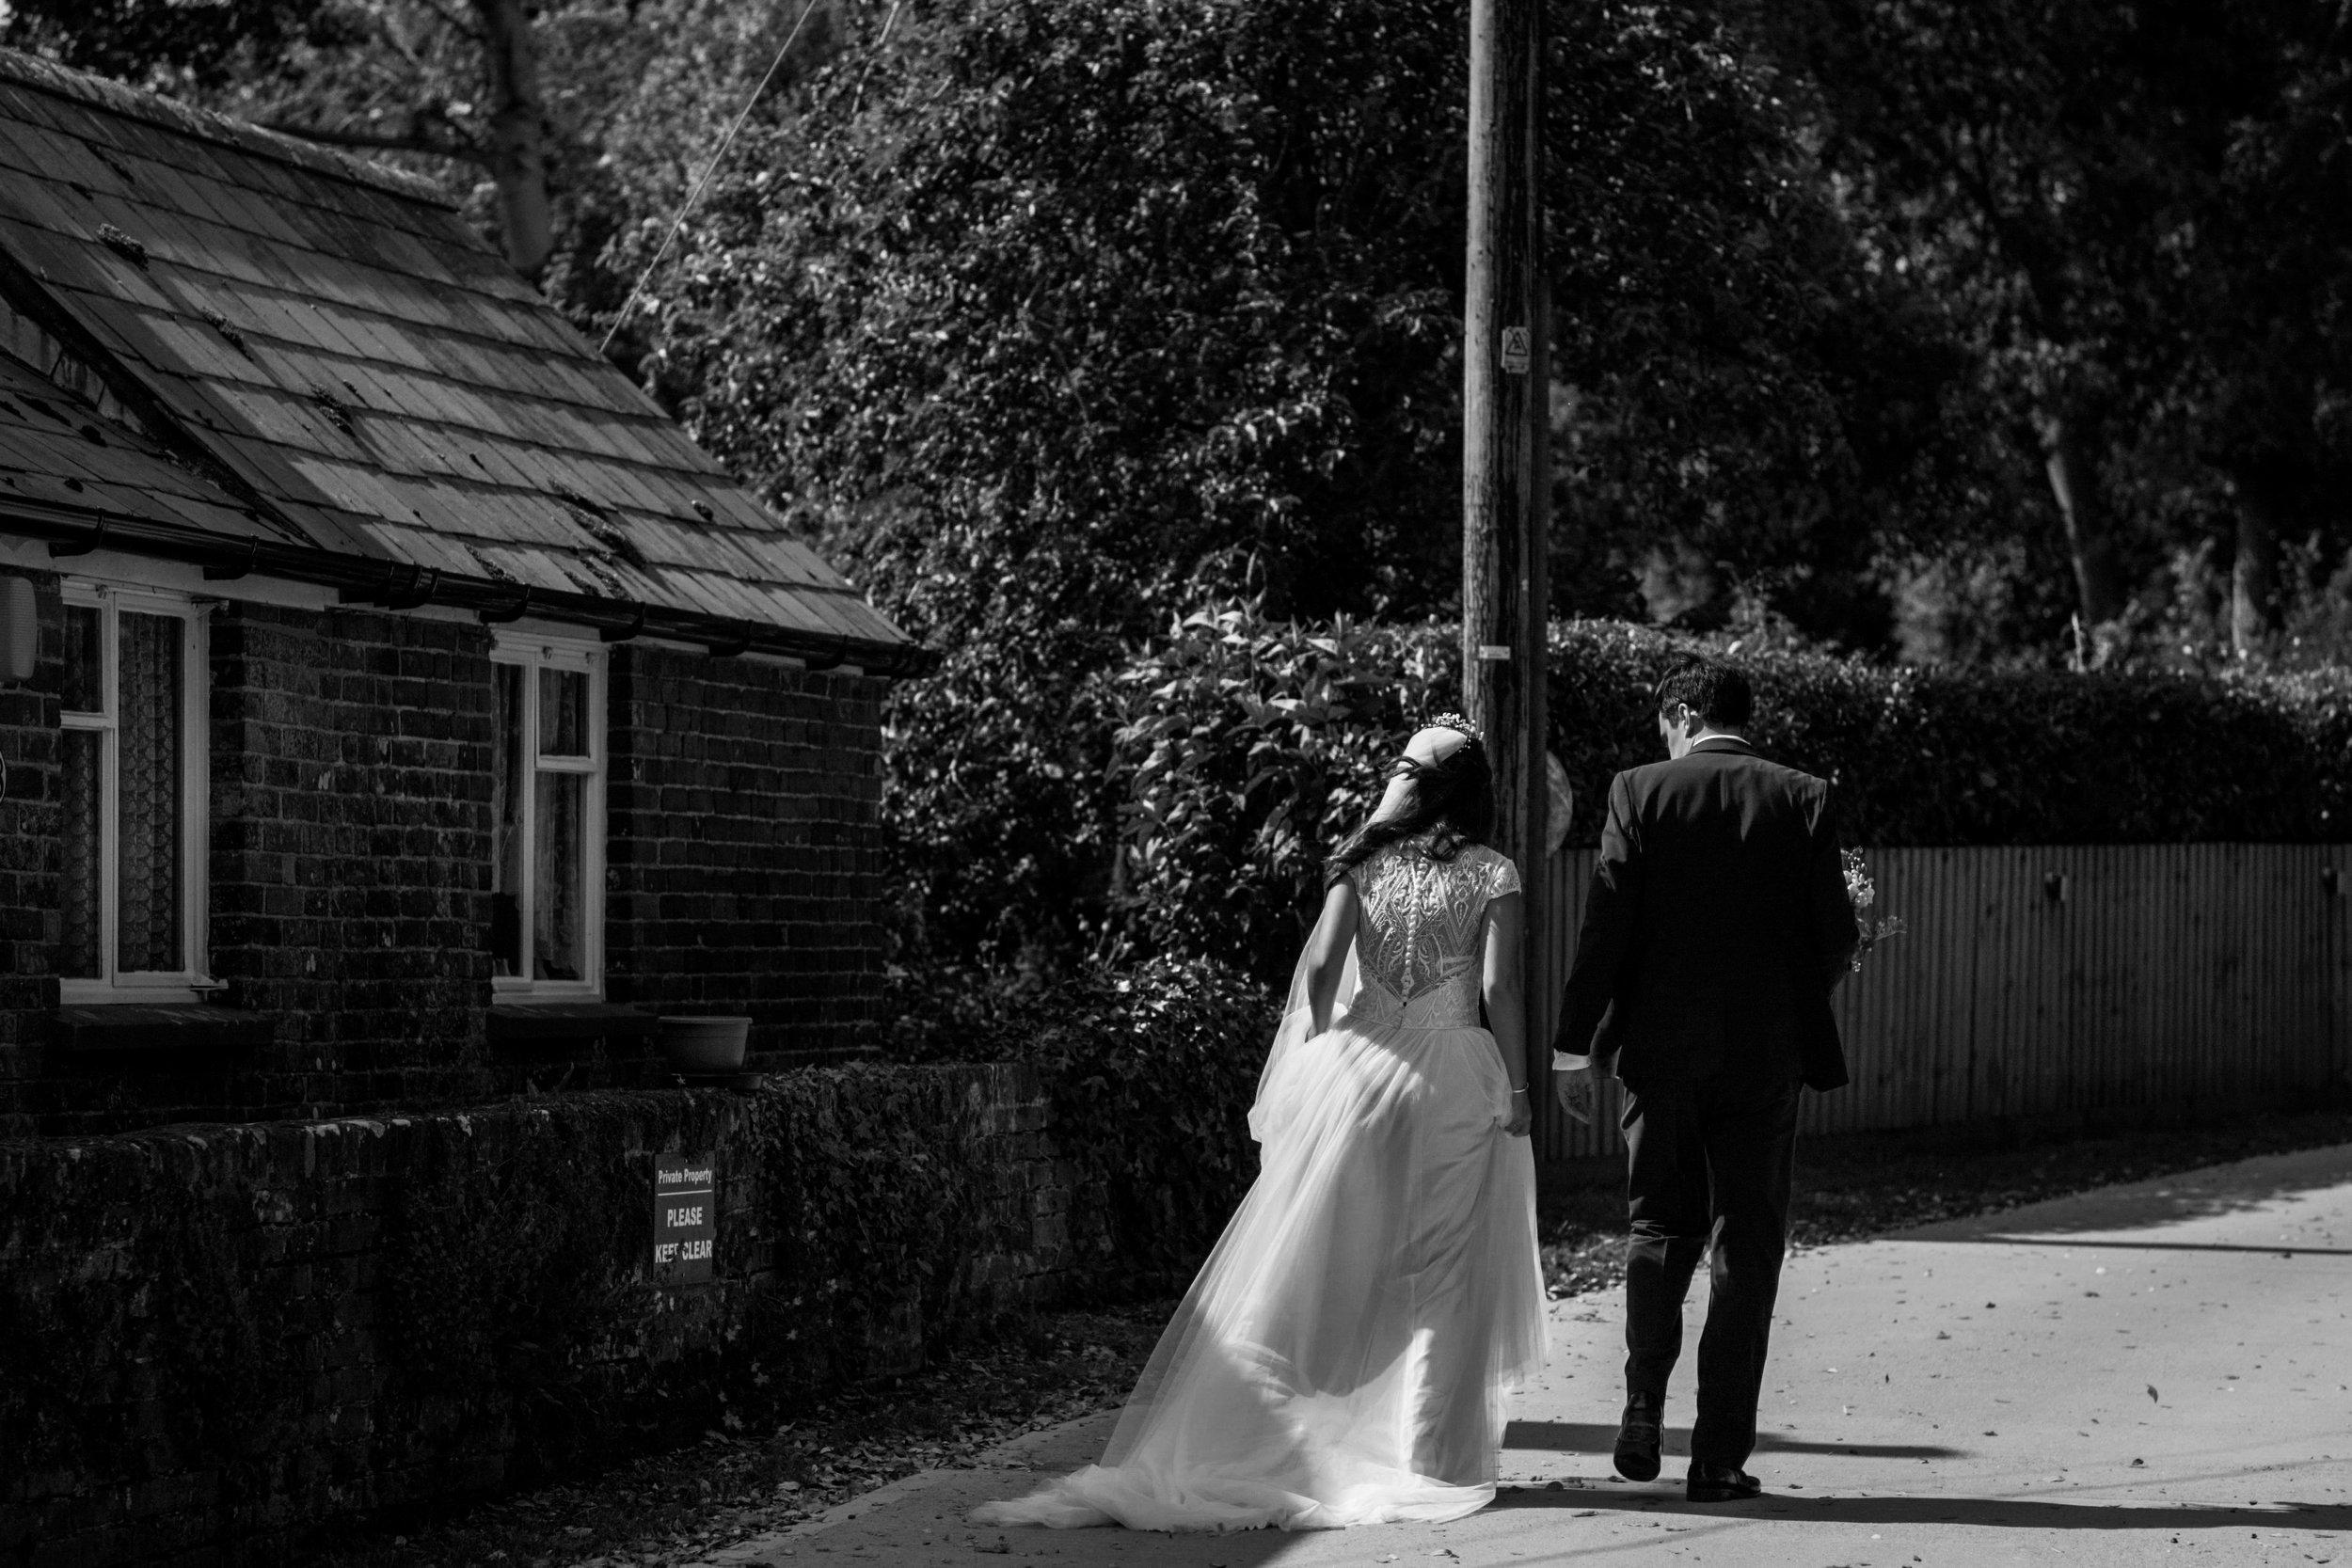 Finley&Fern_Jess&Jamie_Sopley_Stills (15 of 19).jpg